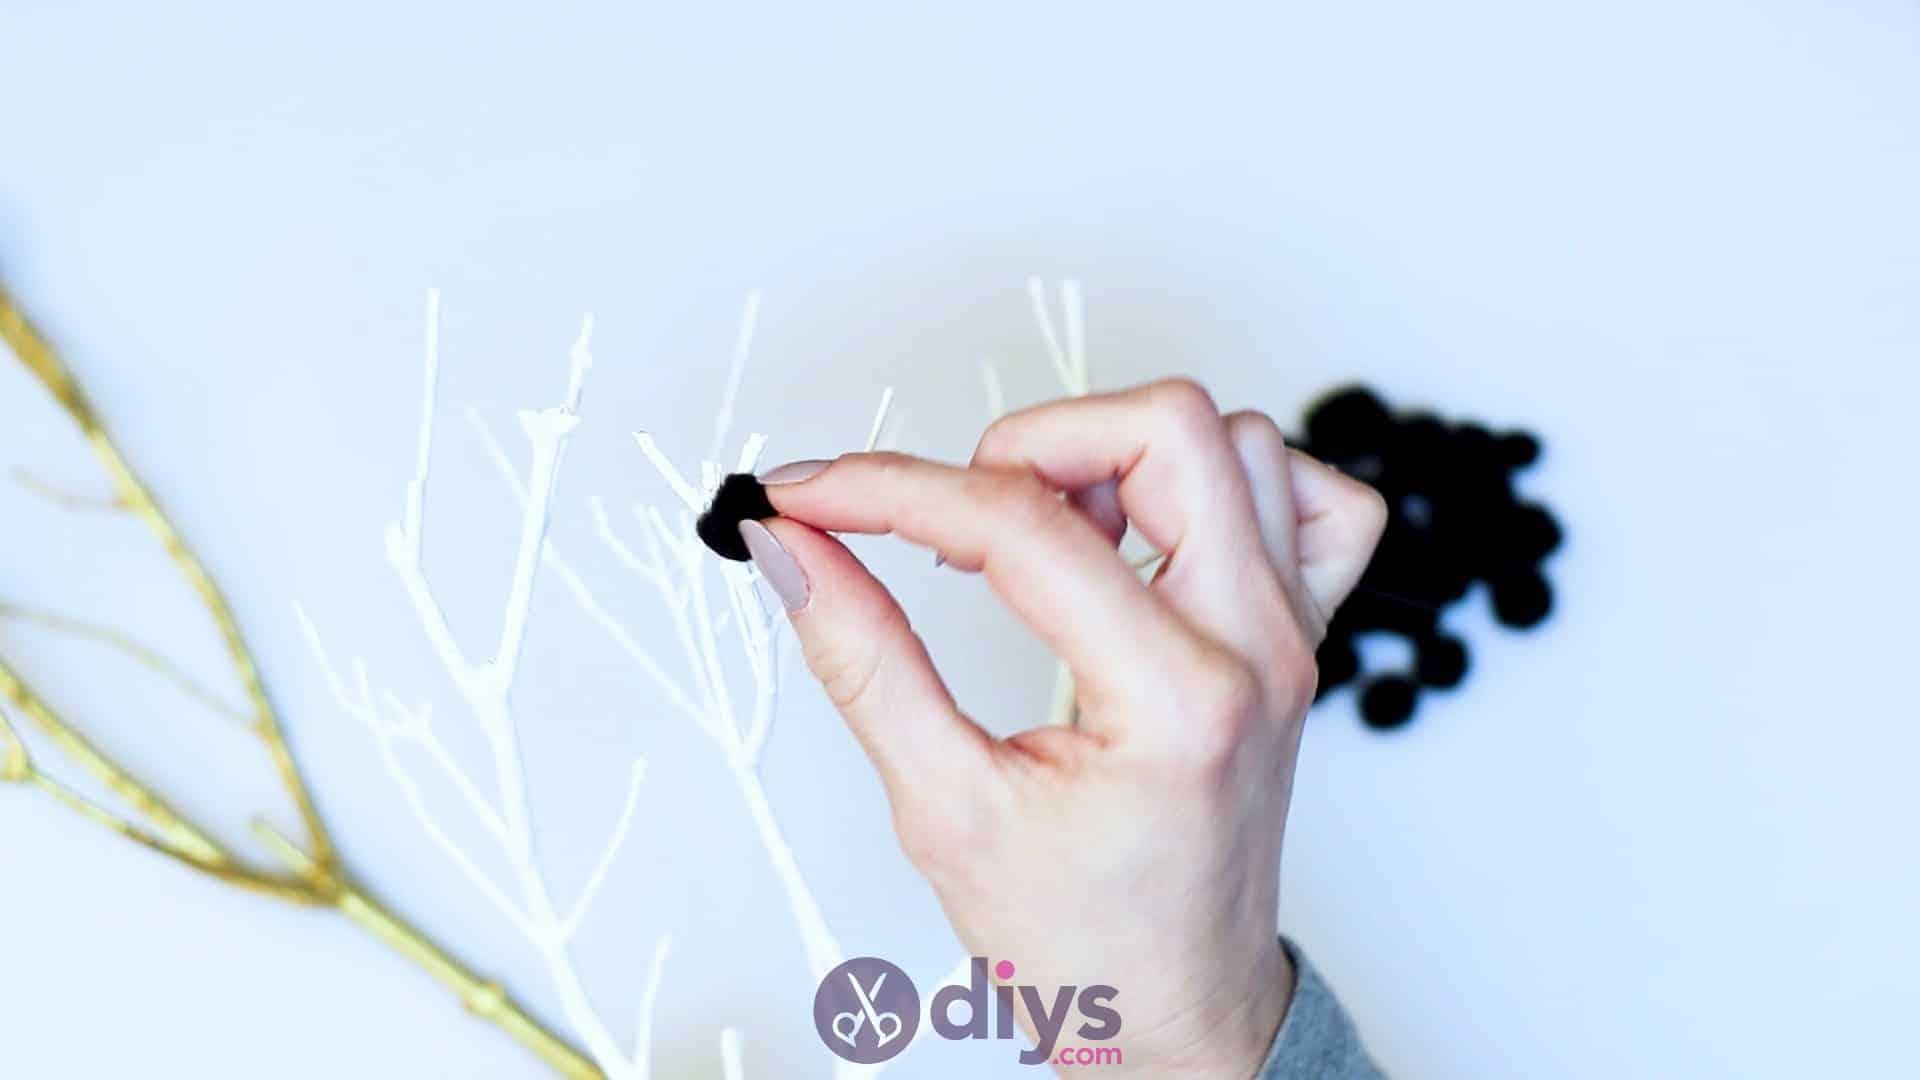 Diy pom pom tree art step 4a